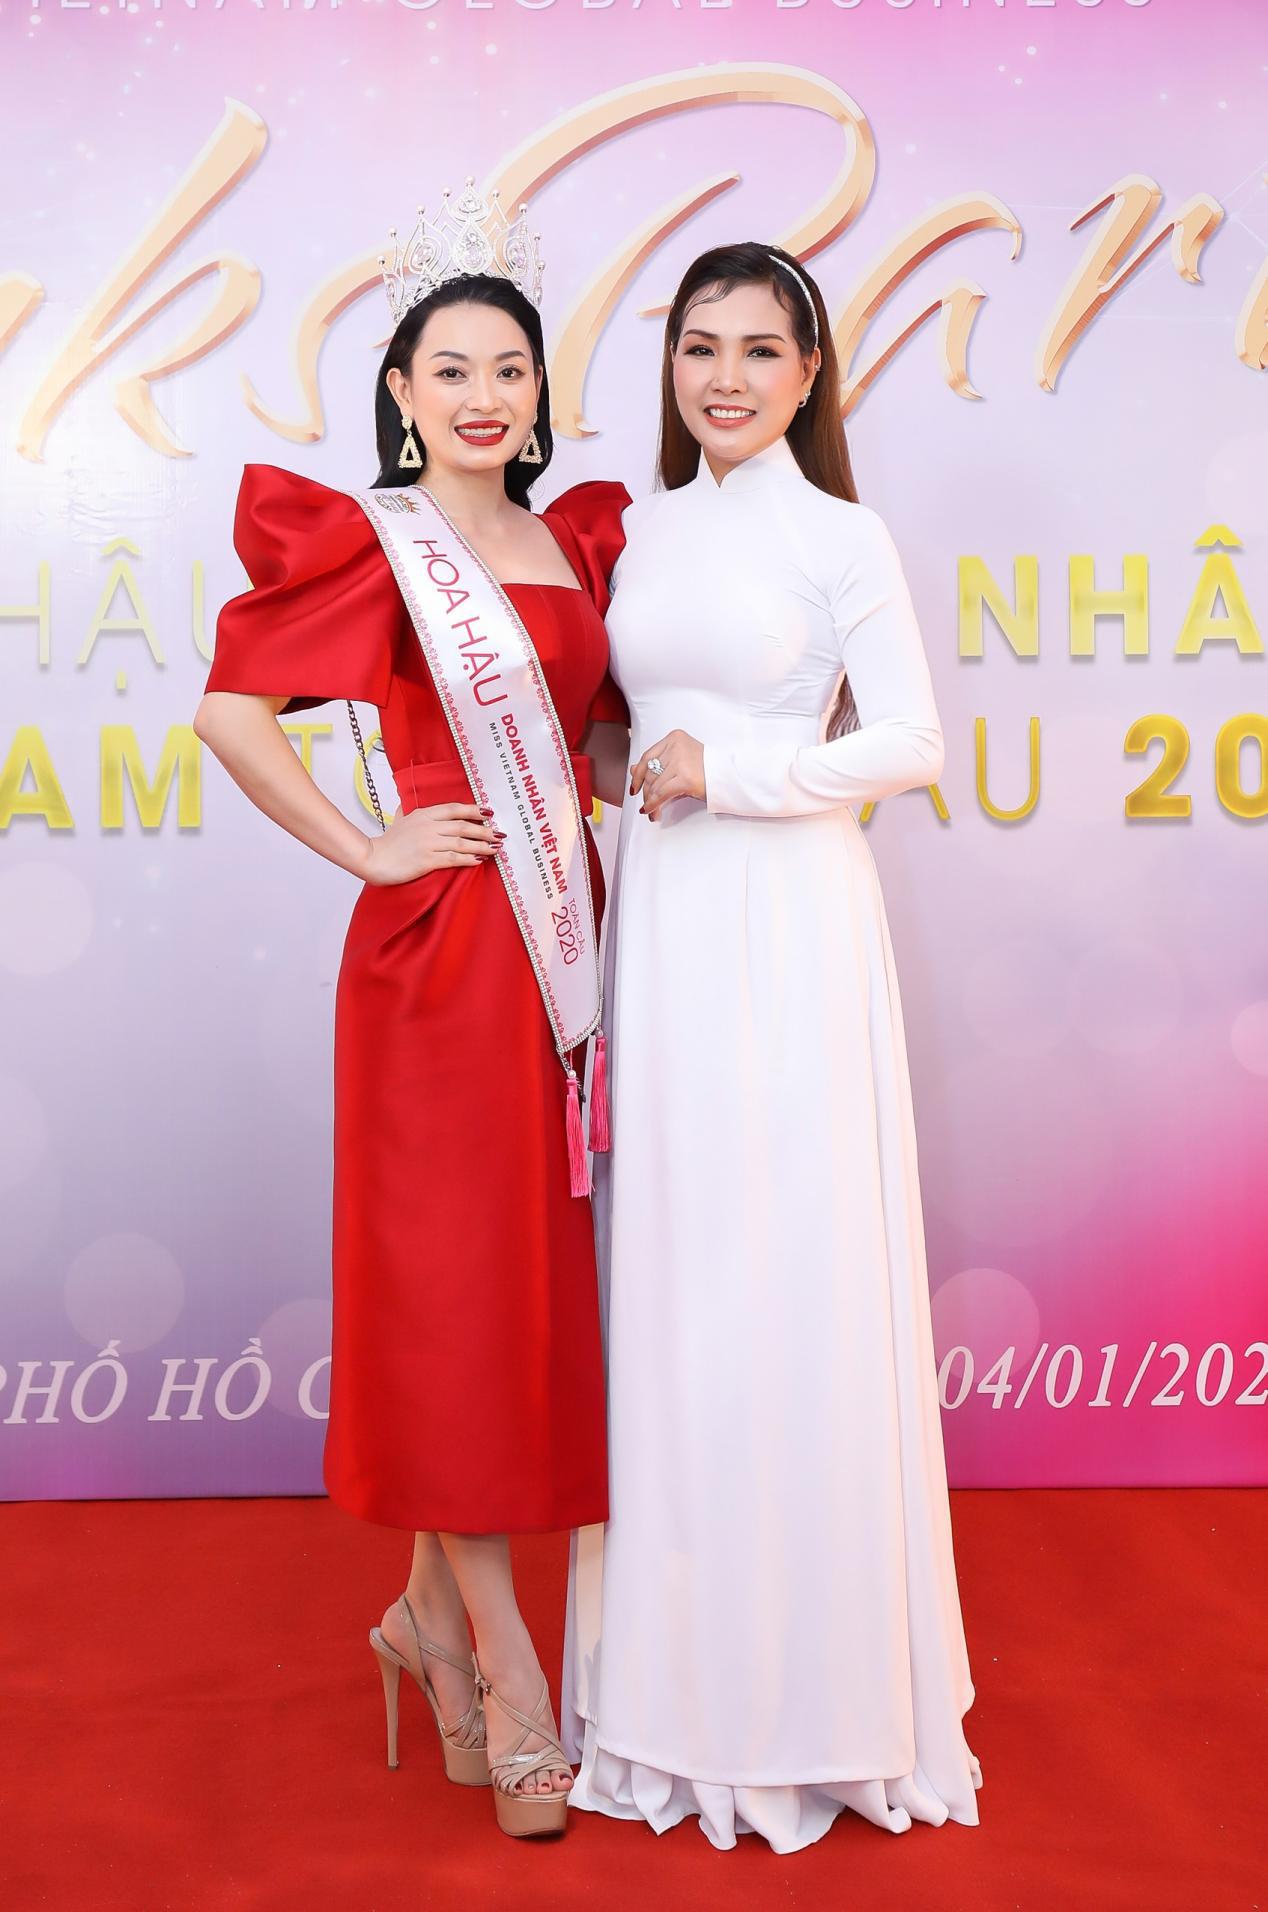 Tân Hoa hậu Vũ Thị Ngọc Anh ngồi ghế nóng Nữ hoàng Doanh nhân đất Việt 2021 - Ảnh 4.